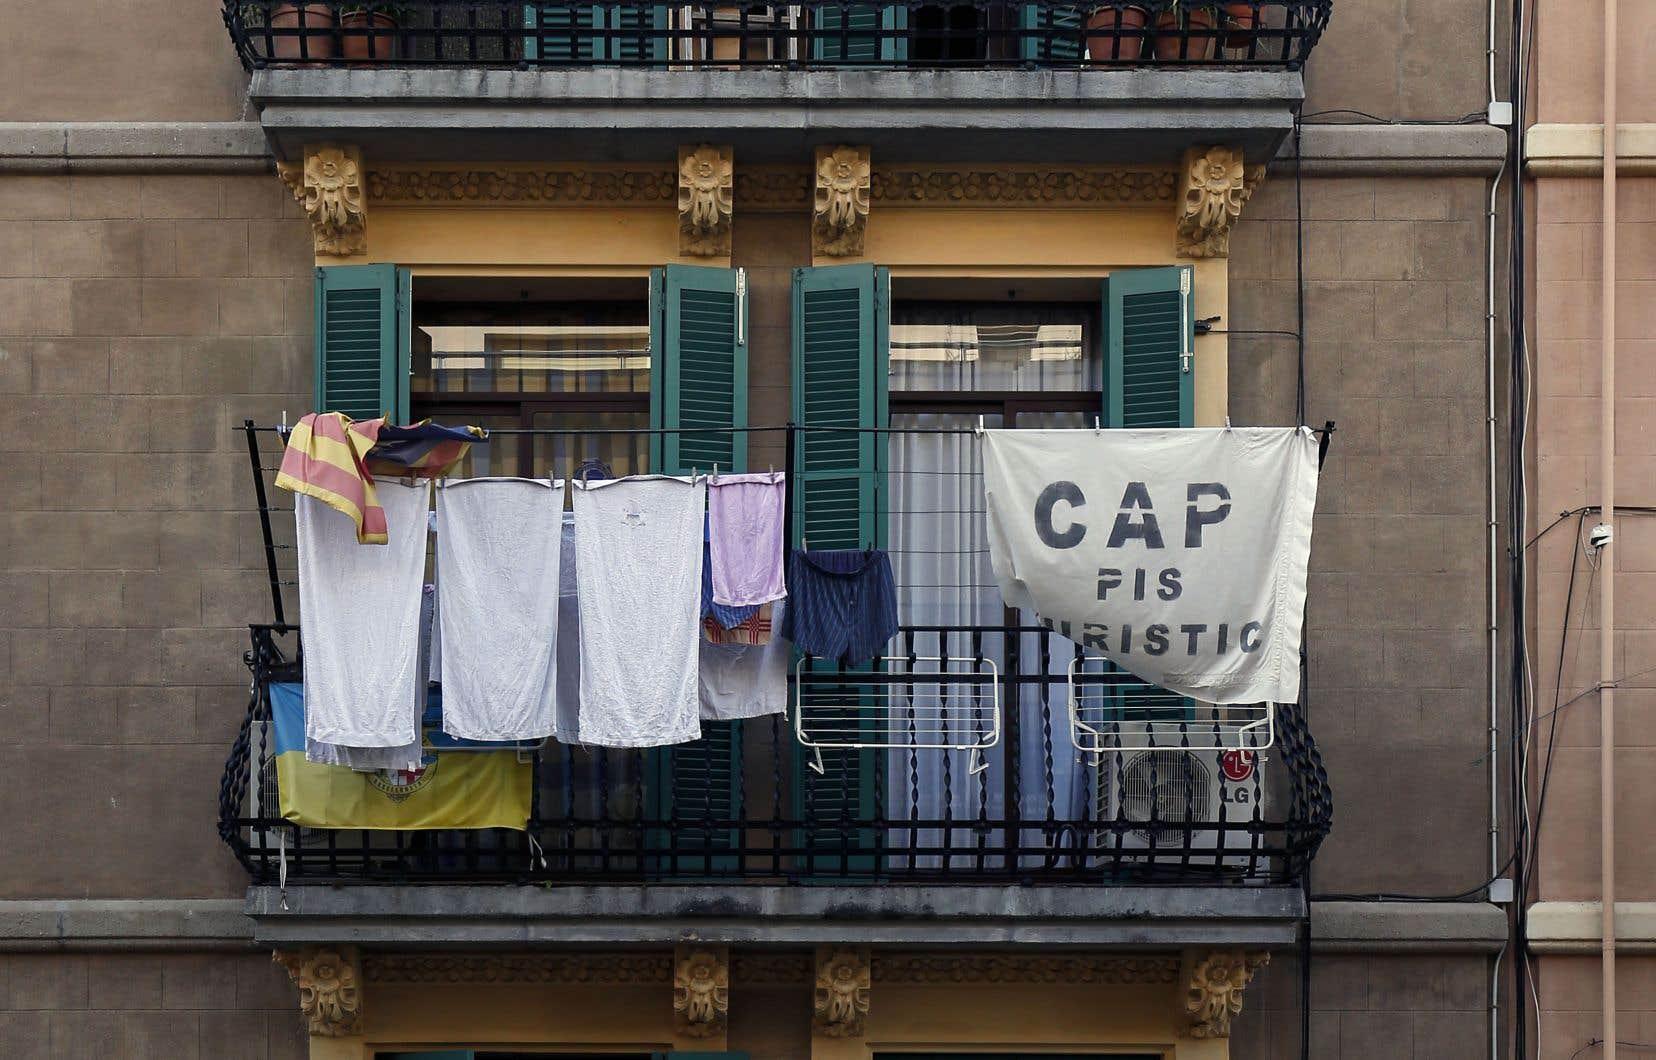 Dans la ville de Barcelone, des bannières dénoncent la location massive d'appartements par des touristes.